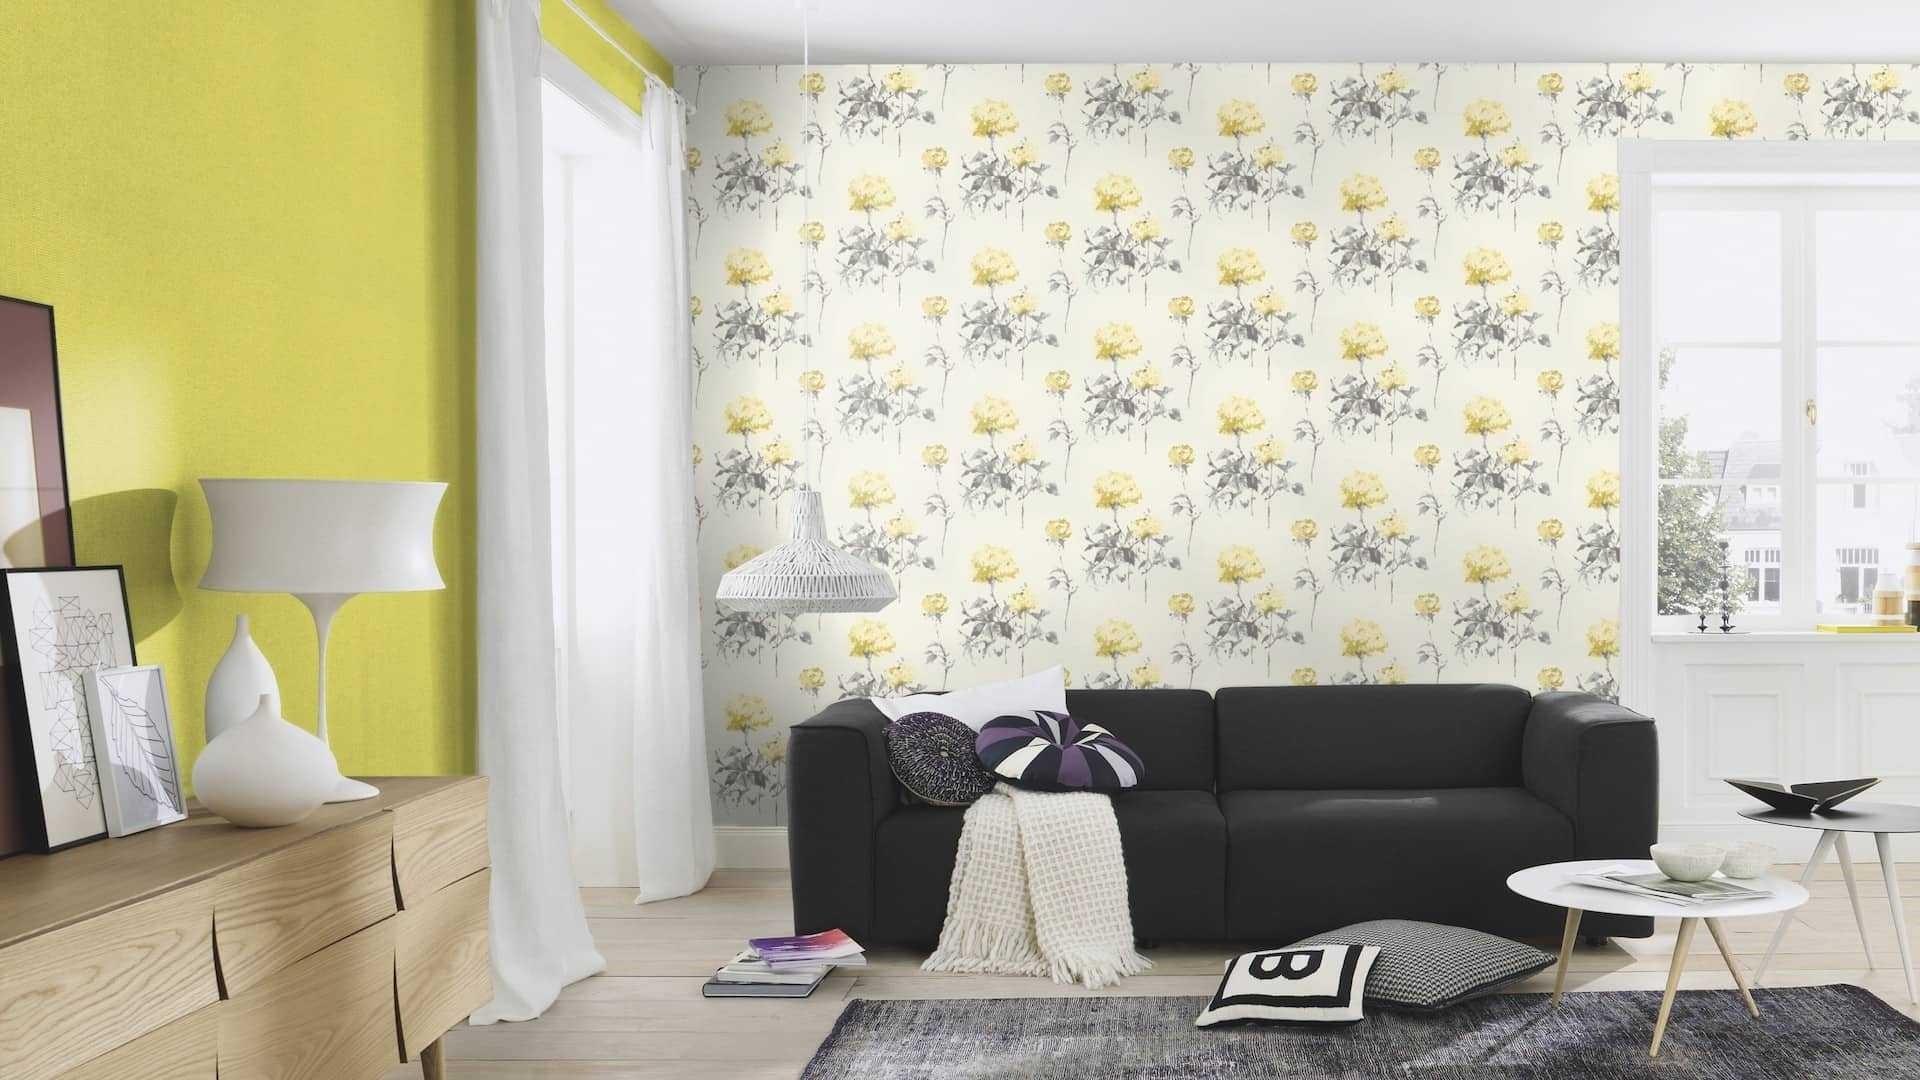 Accent Wall Full HD Wallpaper